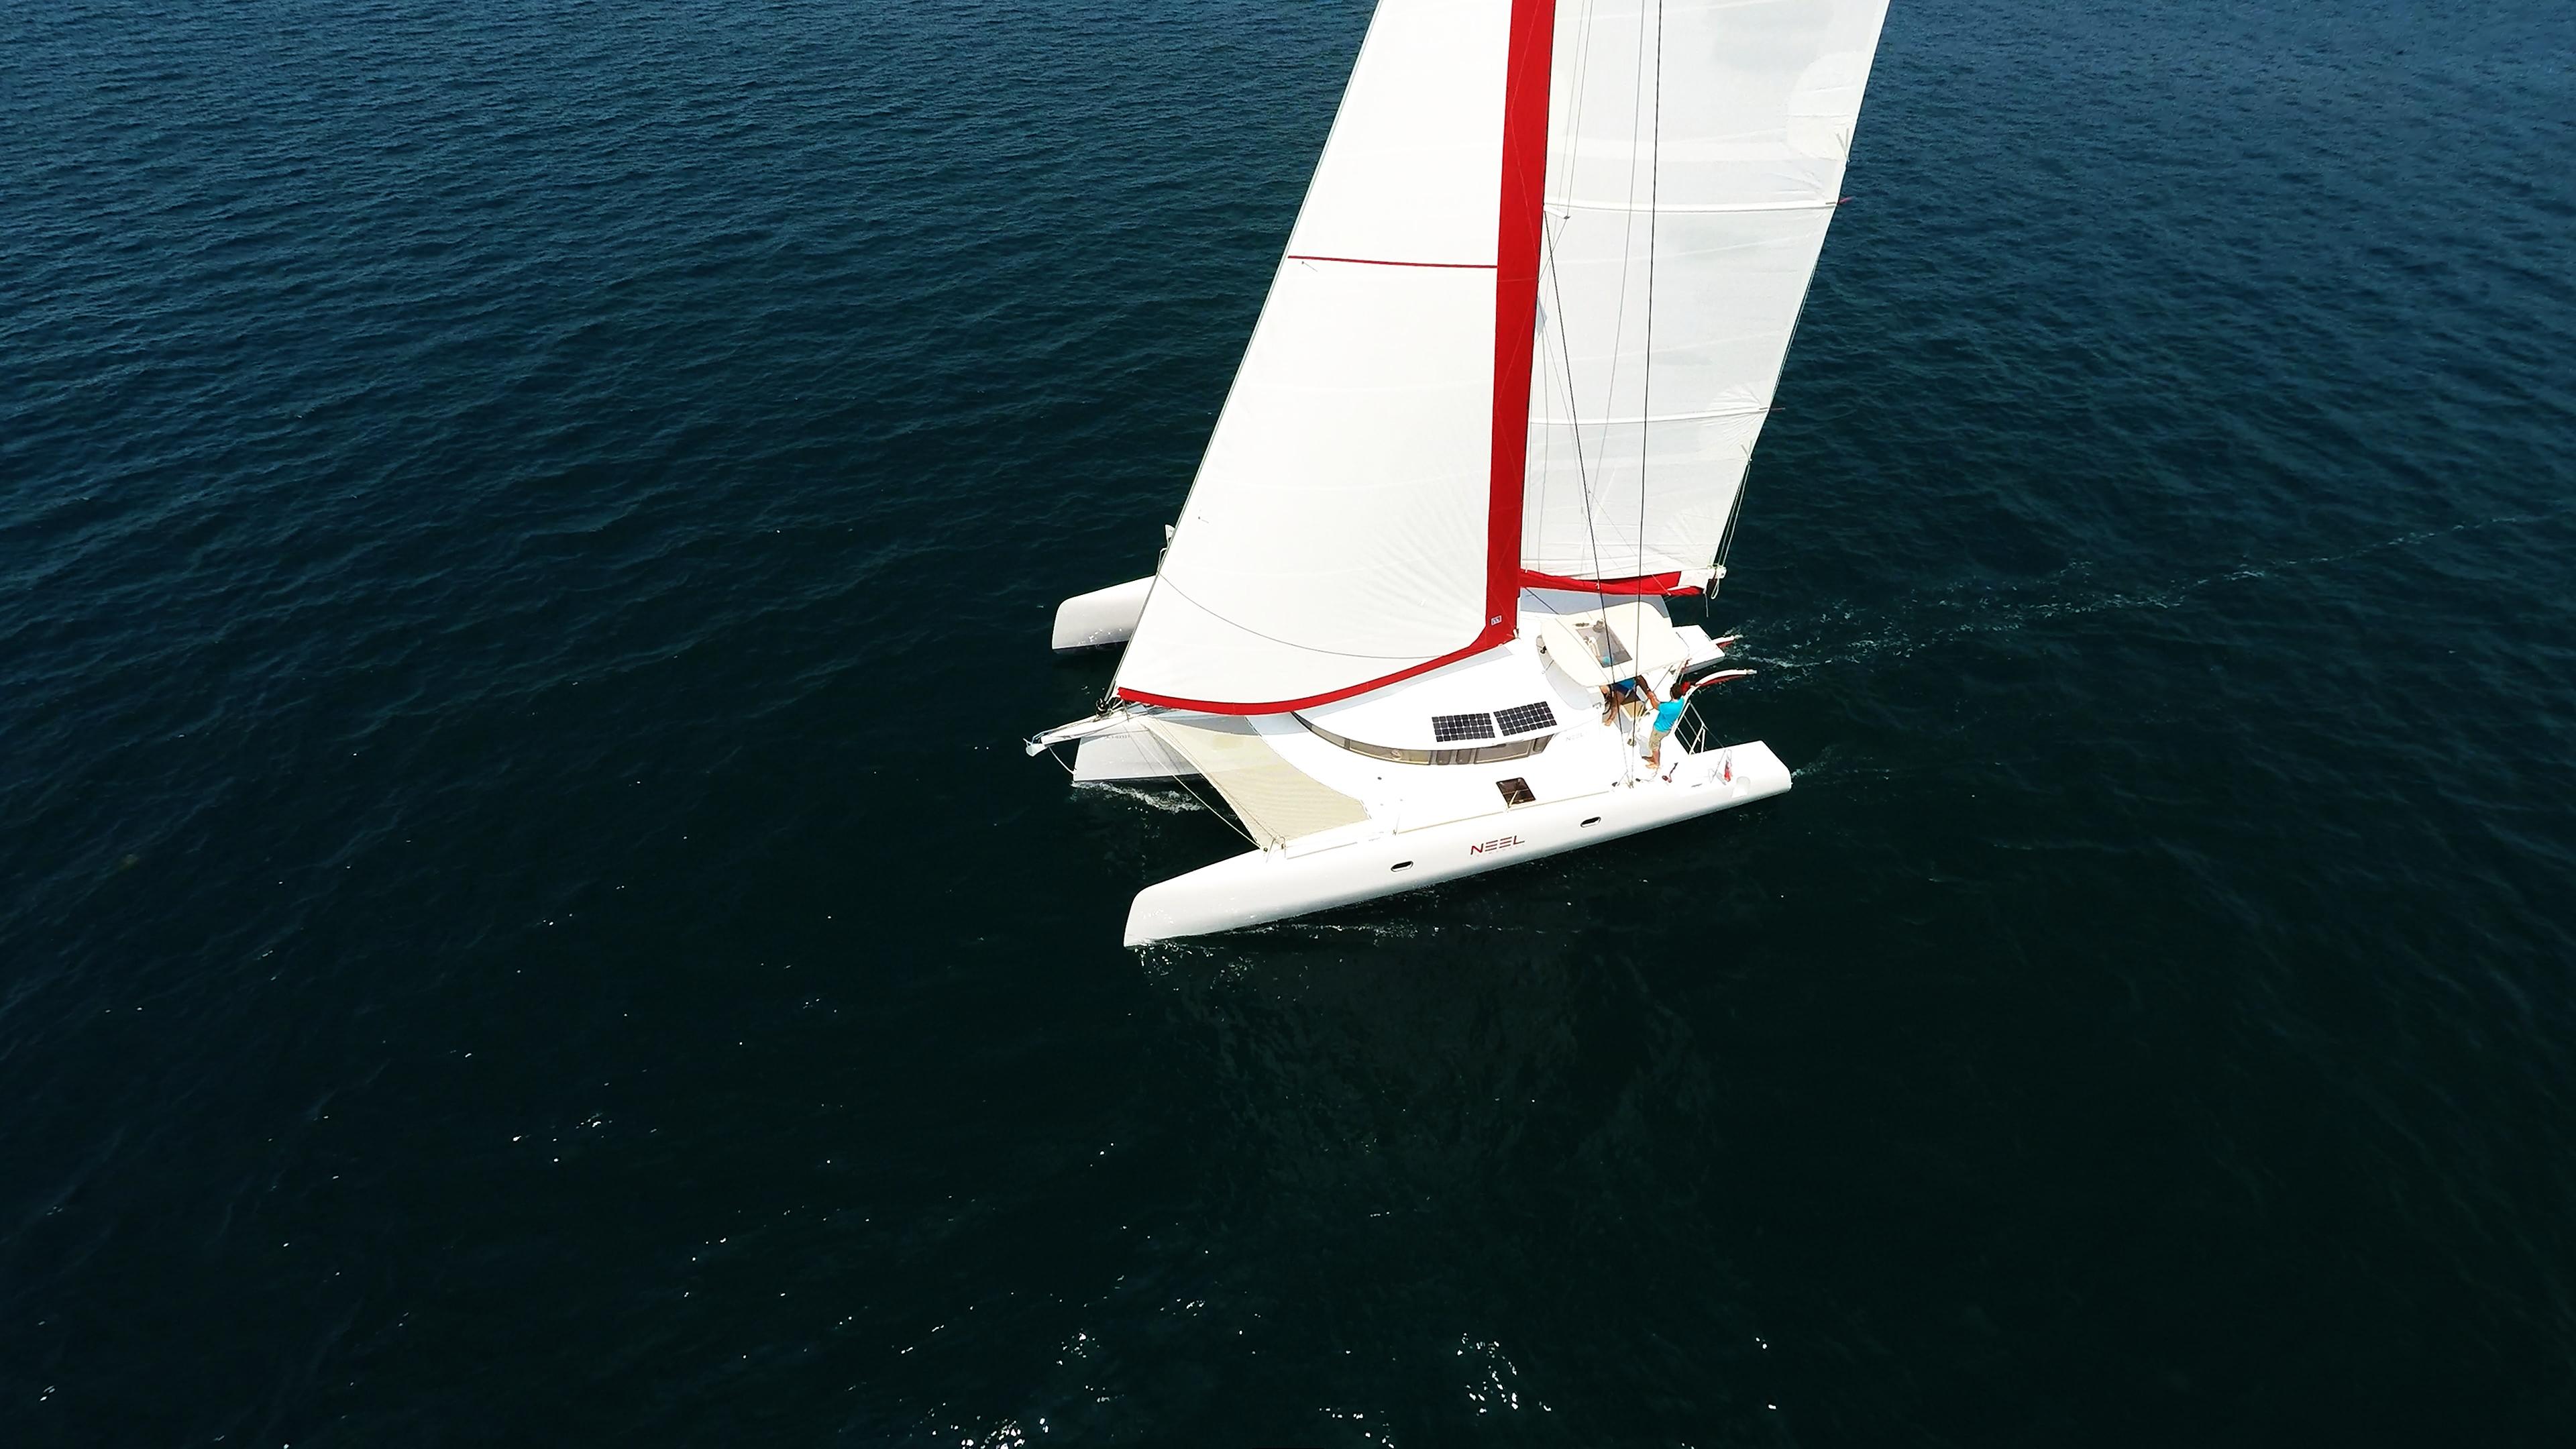 neel 45 trimarano a vela yacht